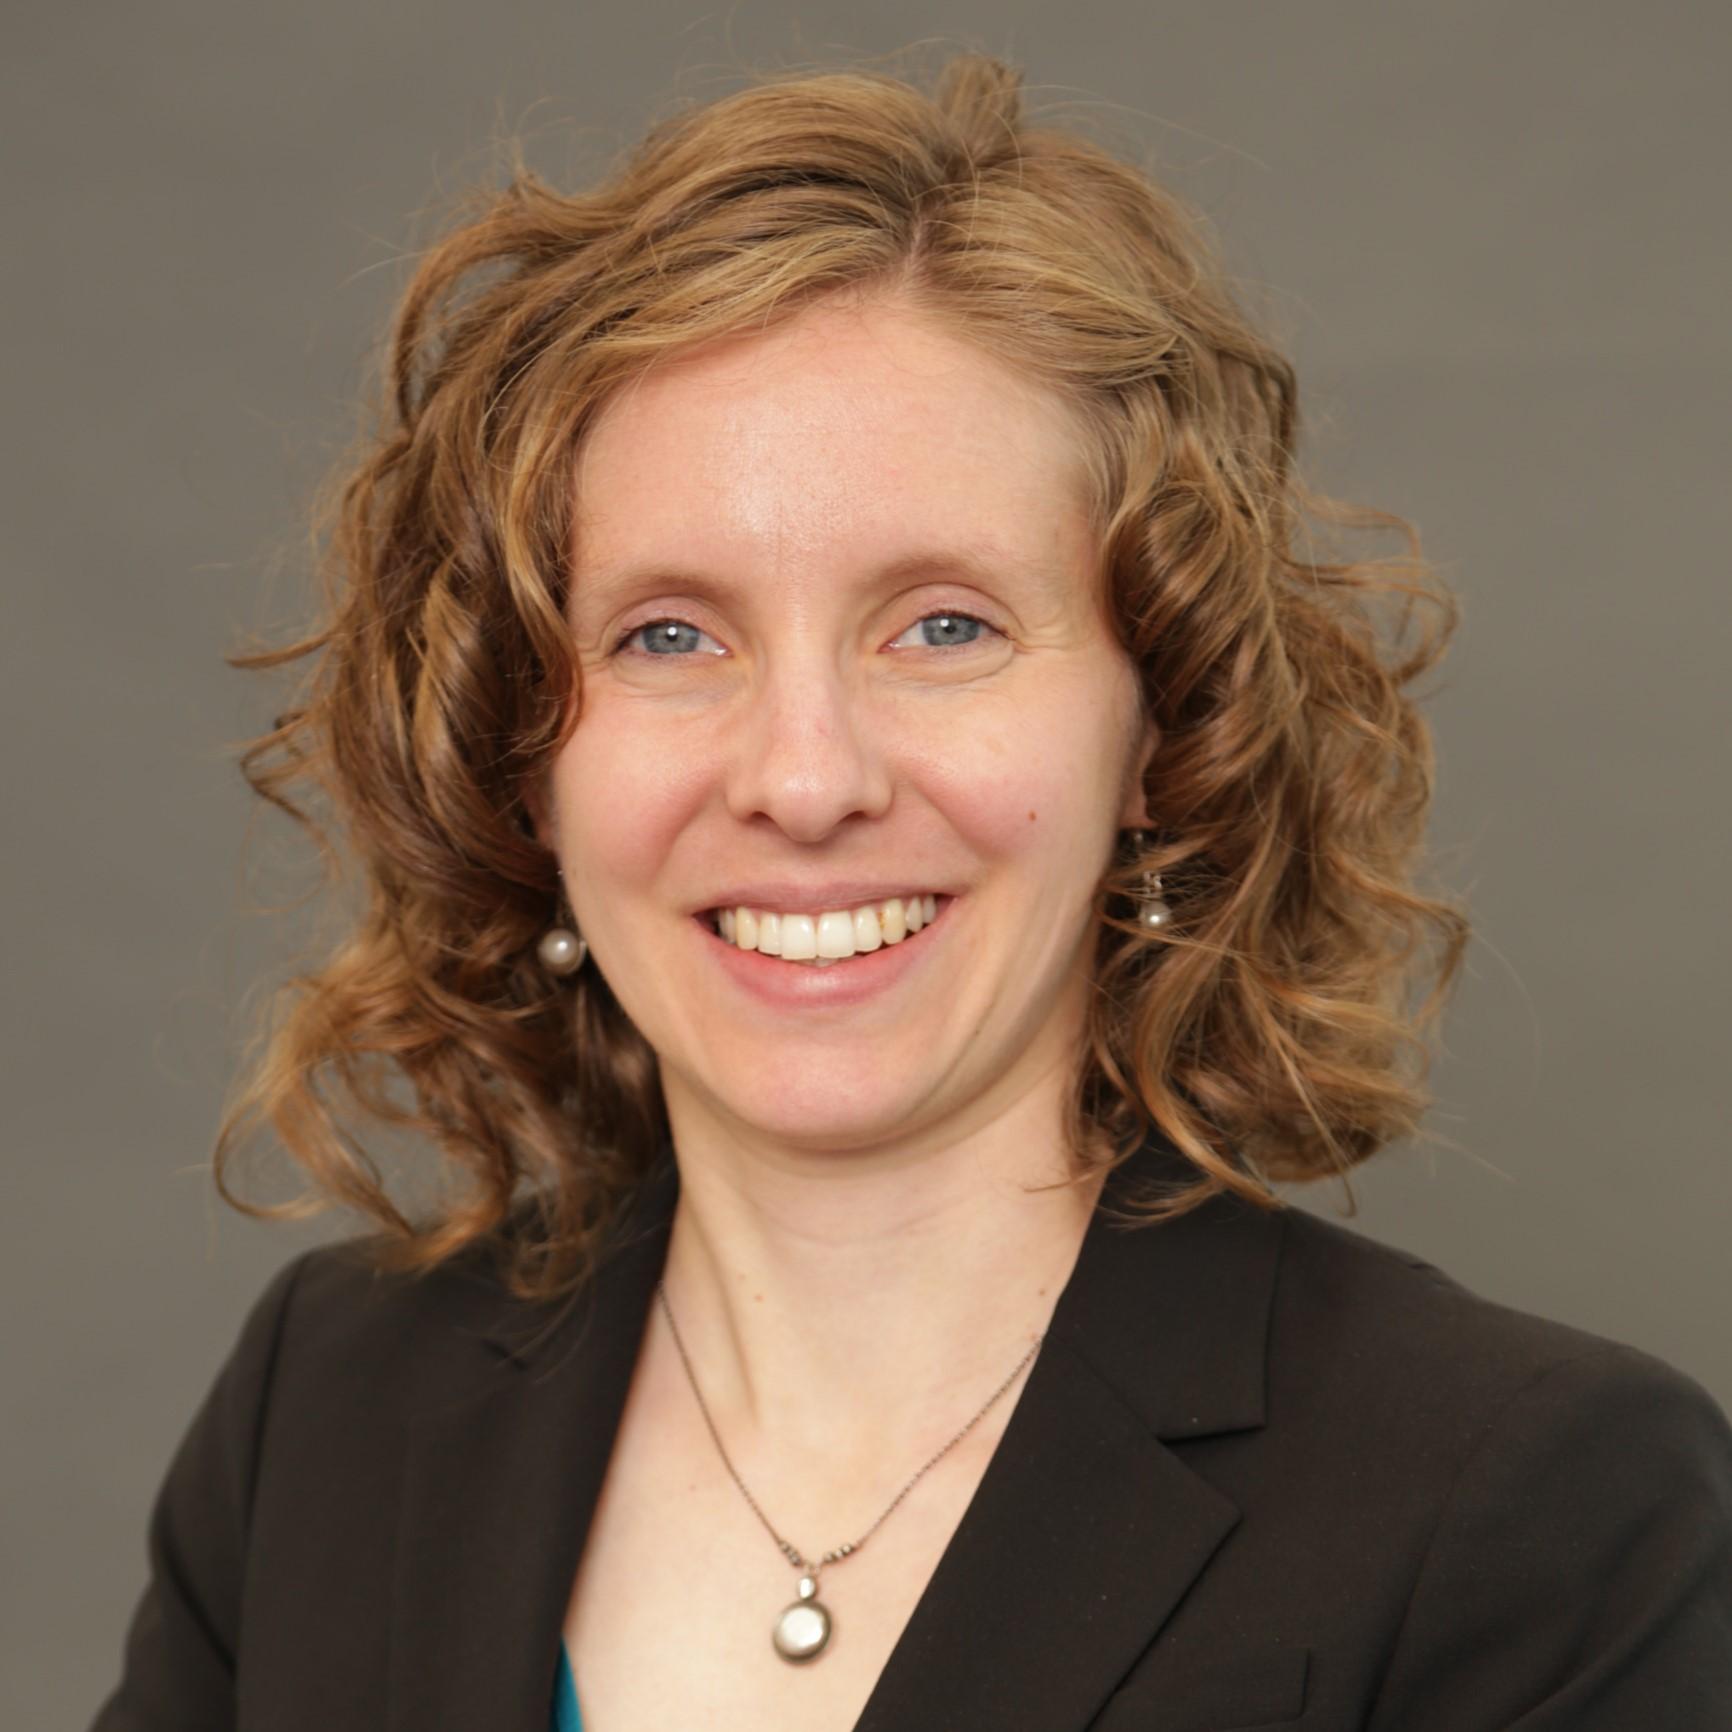 Sarah Andres, PhD